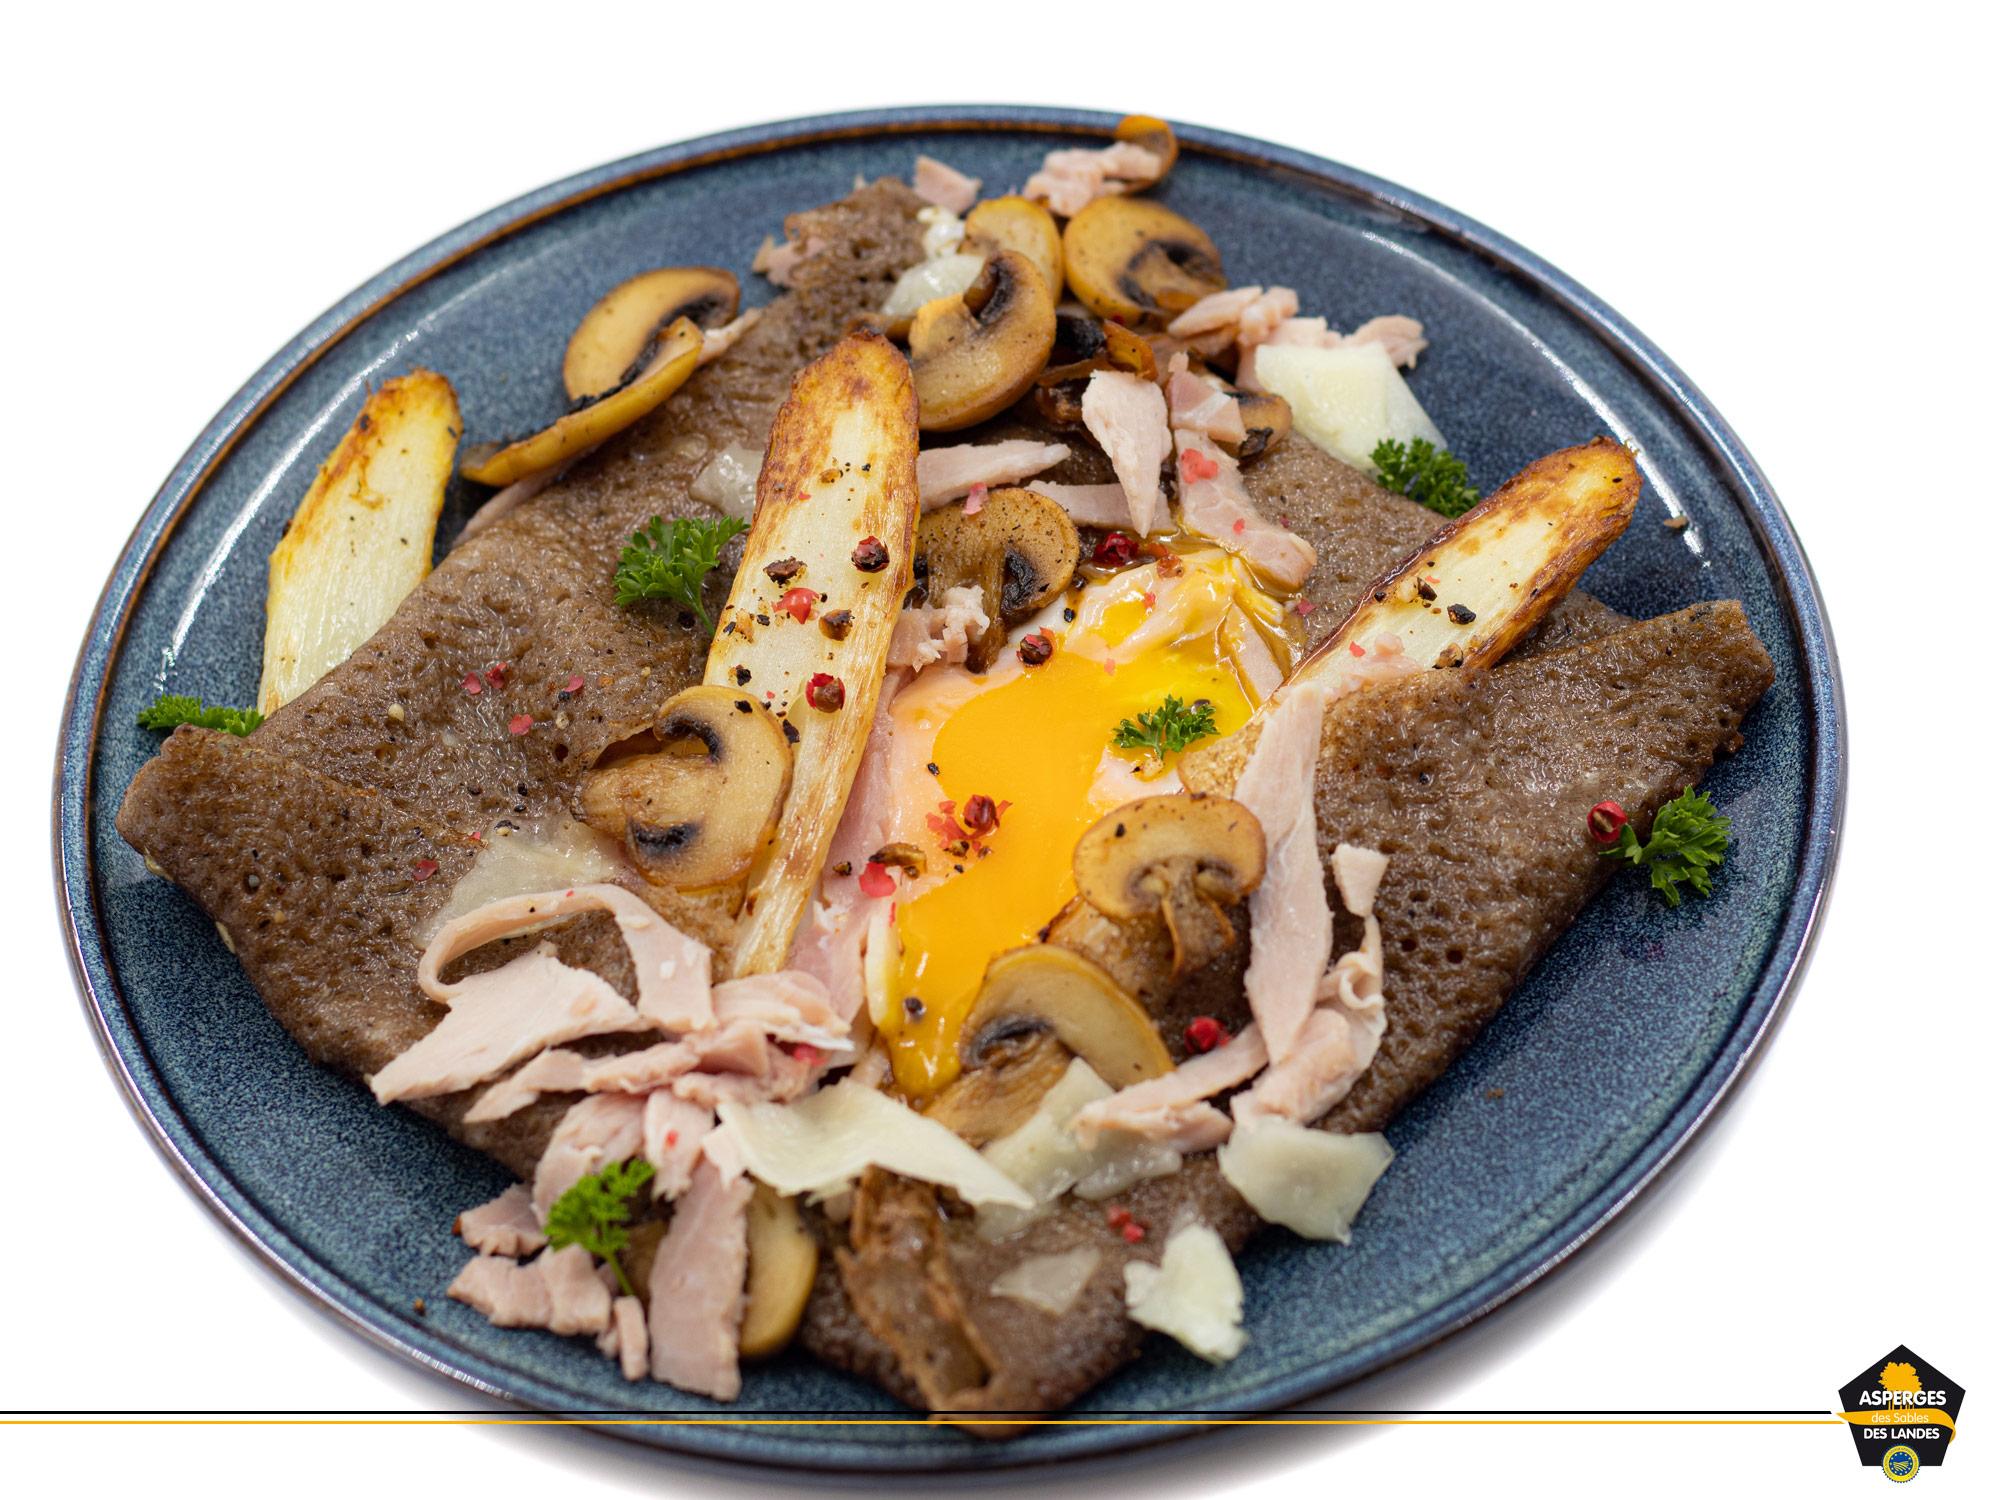 Recette de galette bretonne complète aux Asperges des Sables des Landes, jambon, champignons